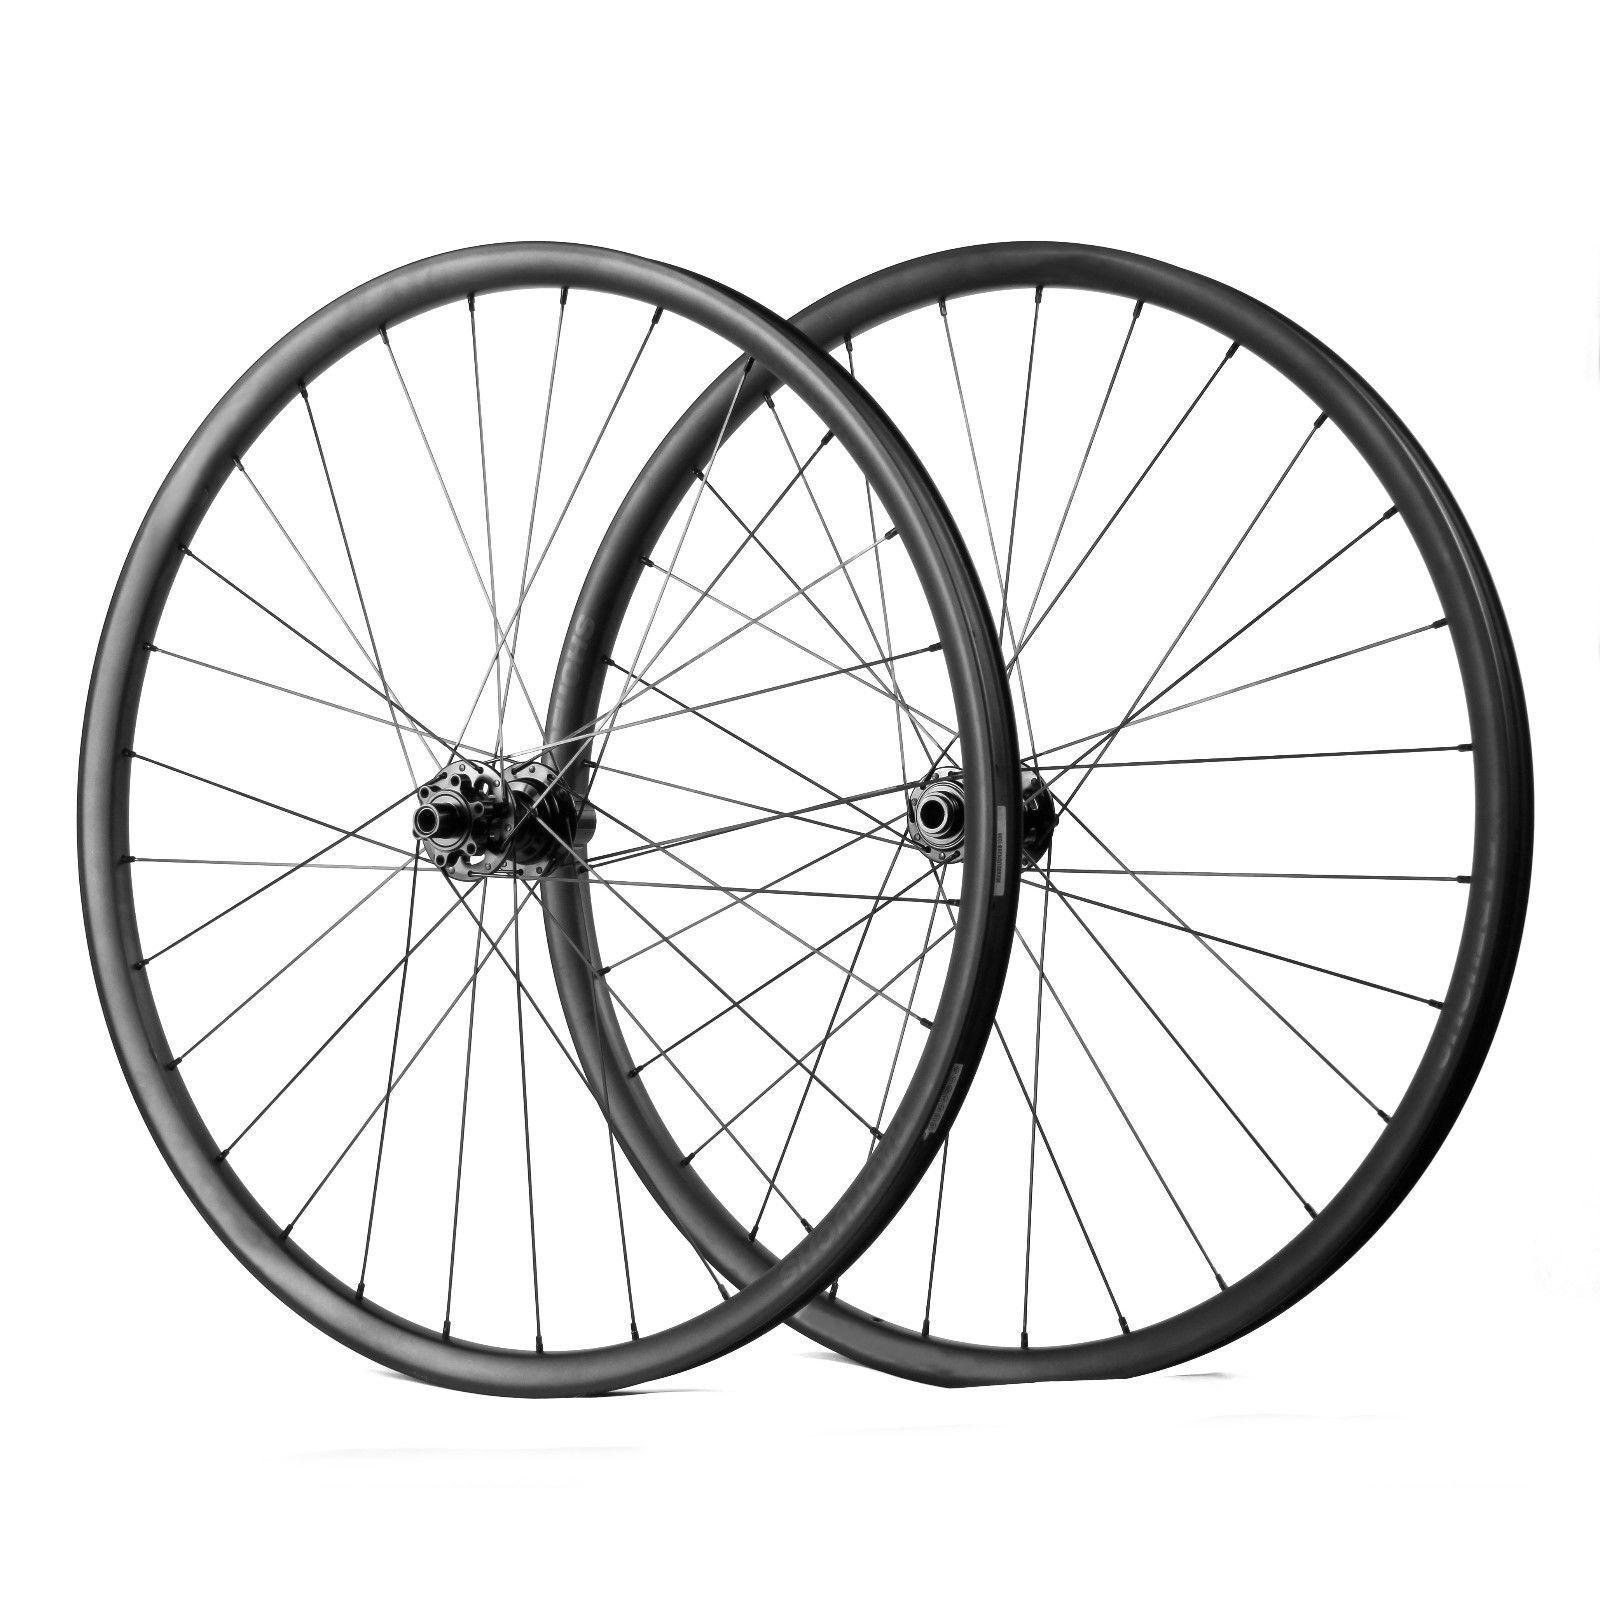 27.5er plus Carbon wheelset 42mm width mountain bike tubeless Sram  XD cassette  happy shopping